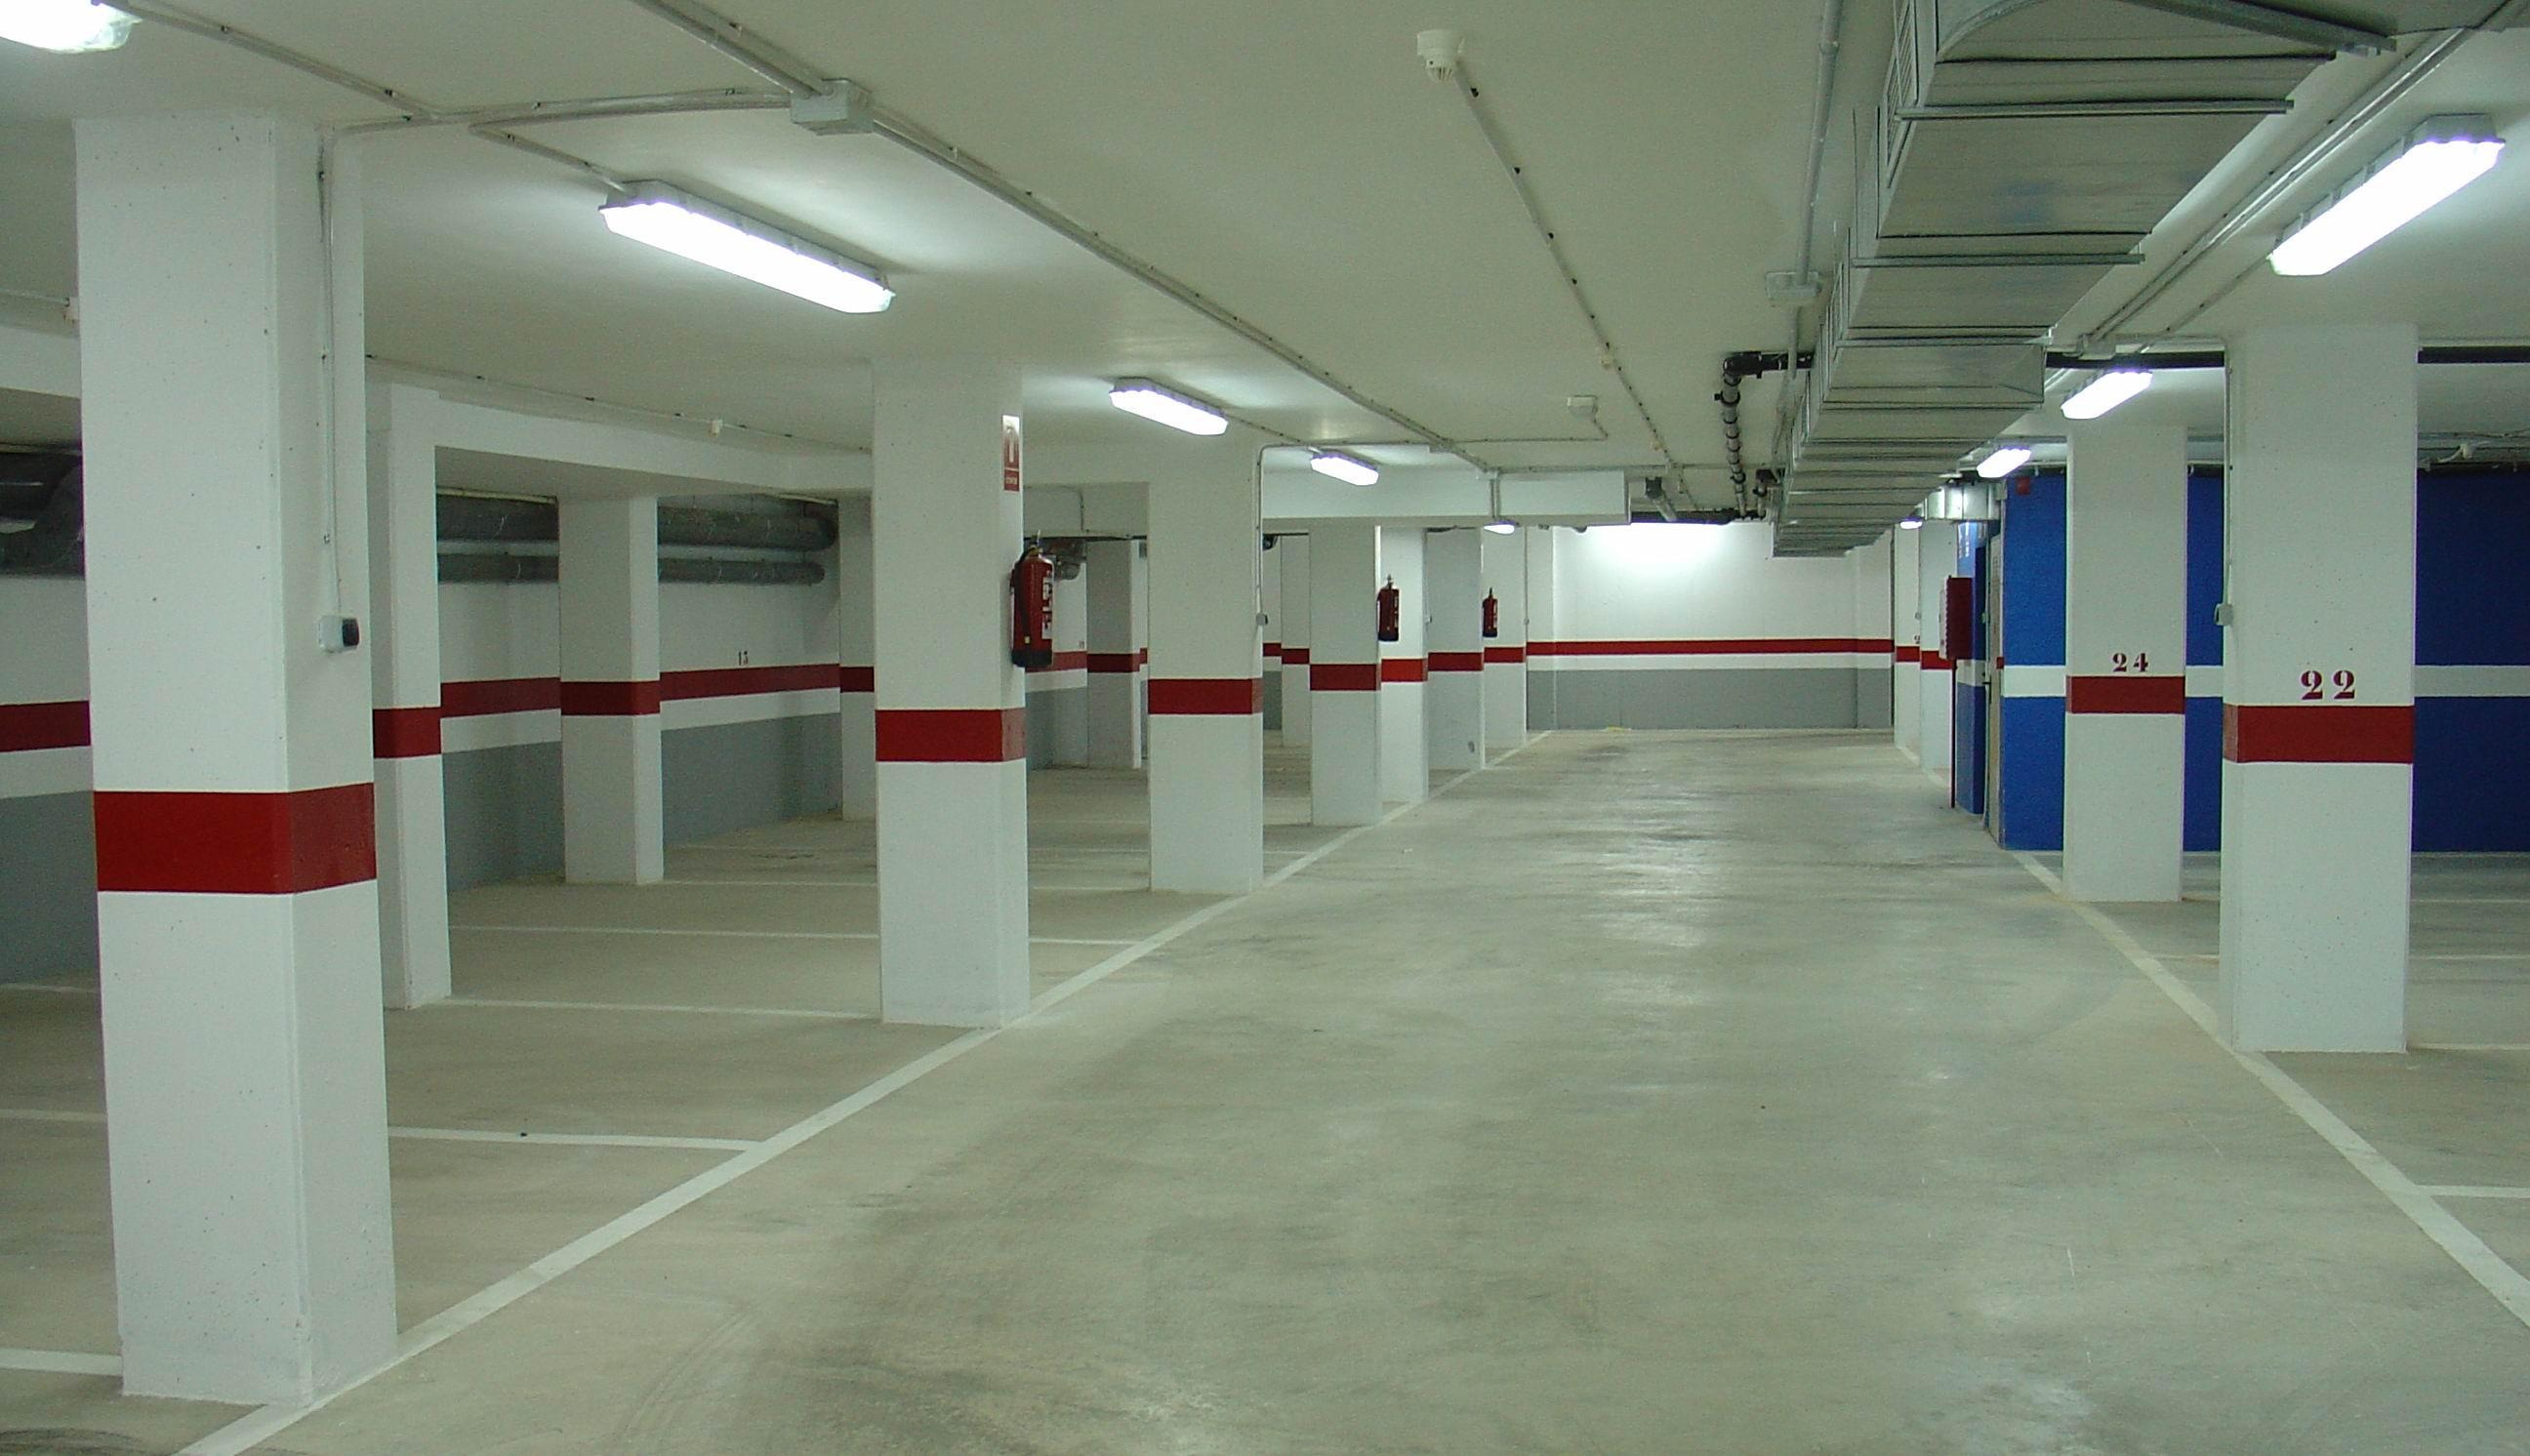 Estacionamieno de mas de un vehiculo por plaza de garaje for Plaza de garaje huelva